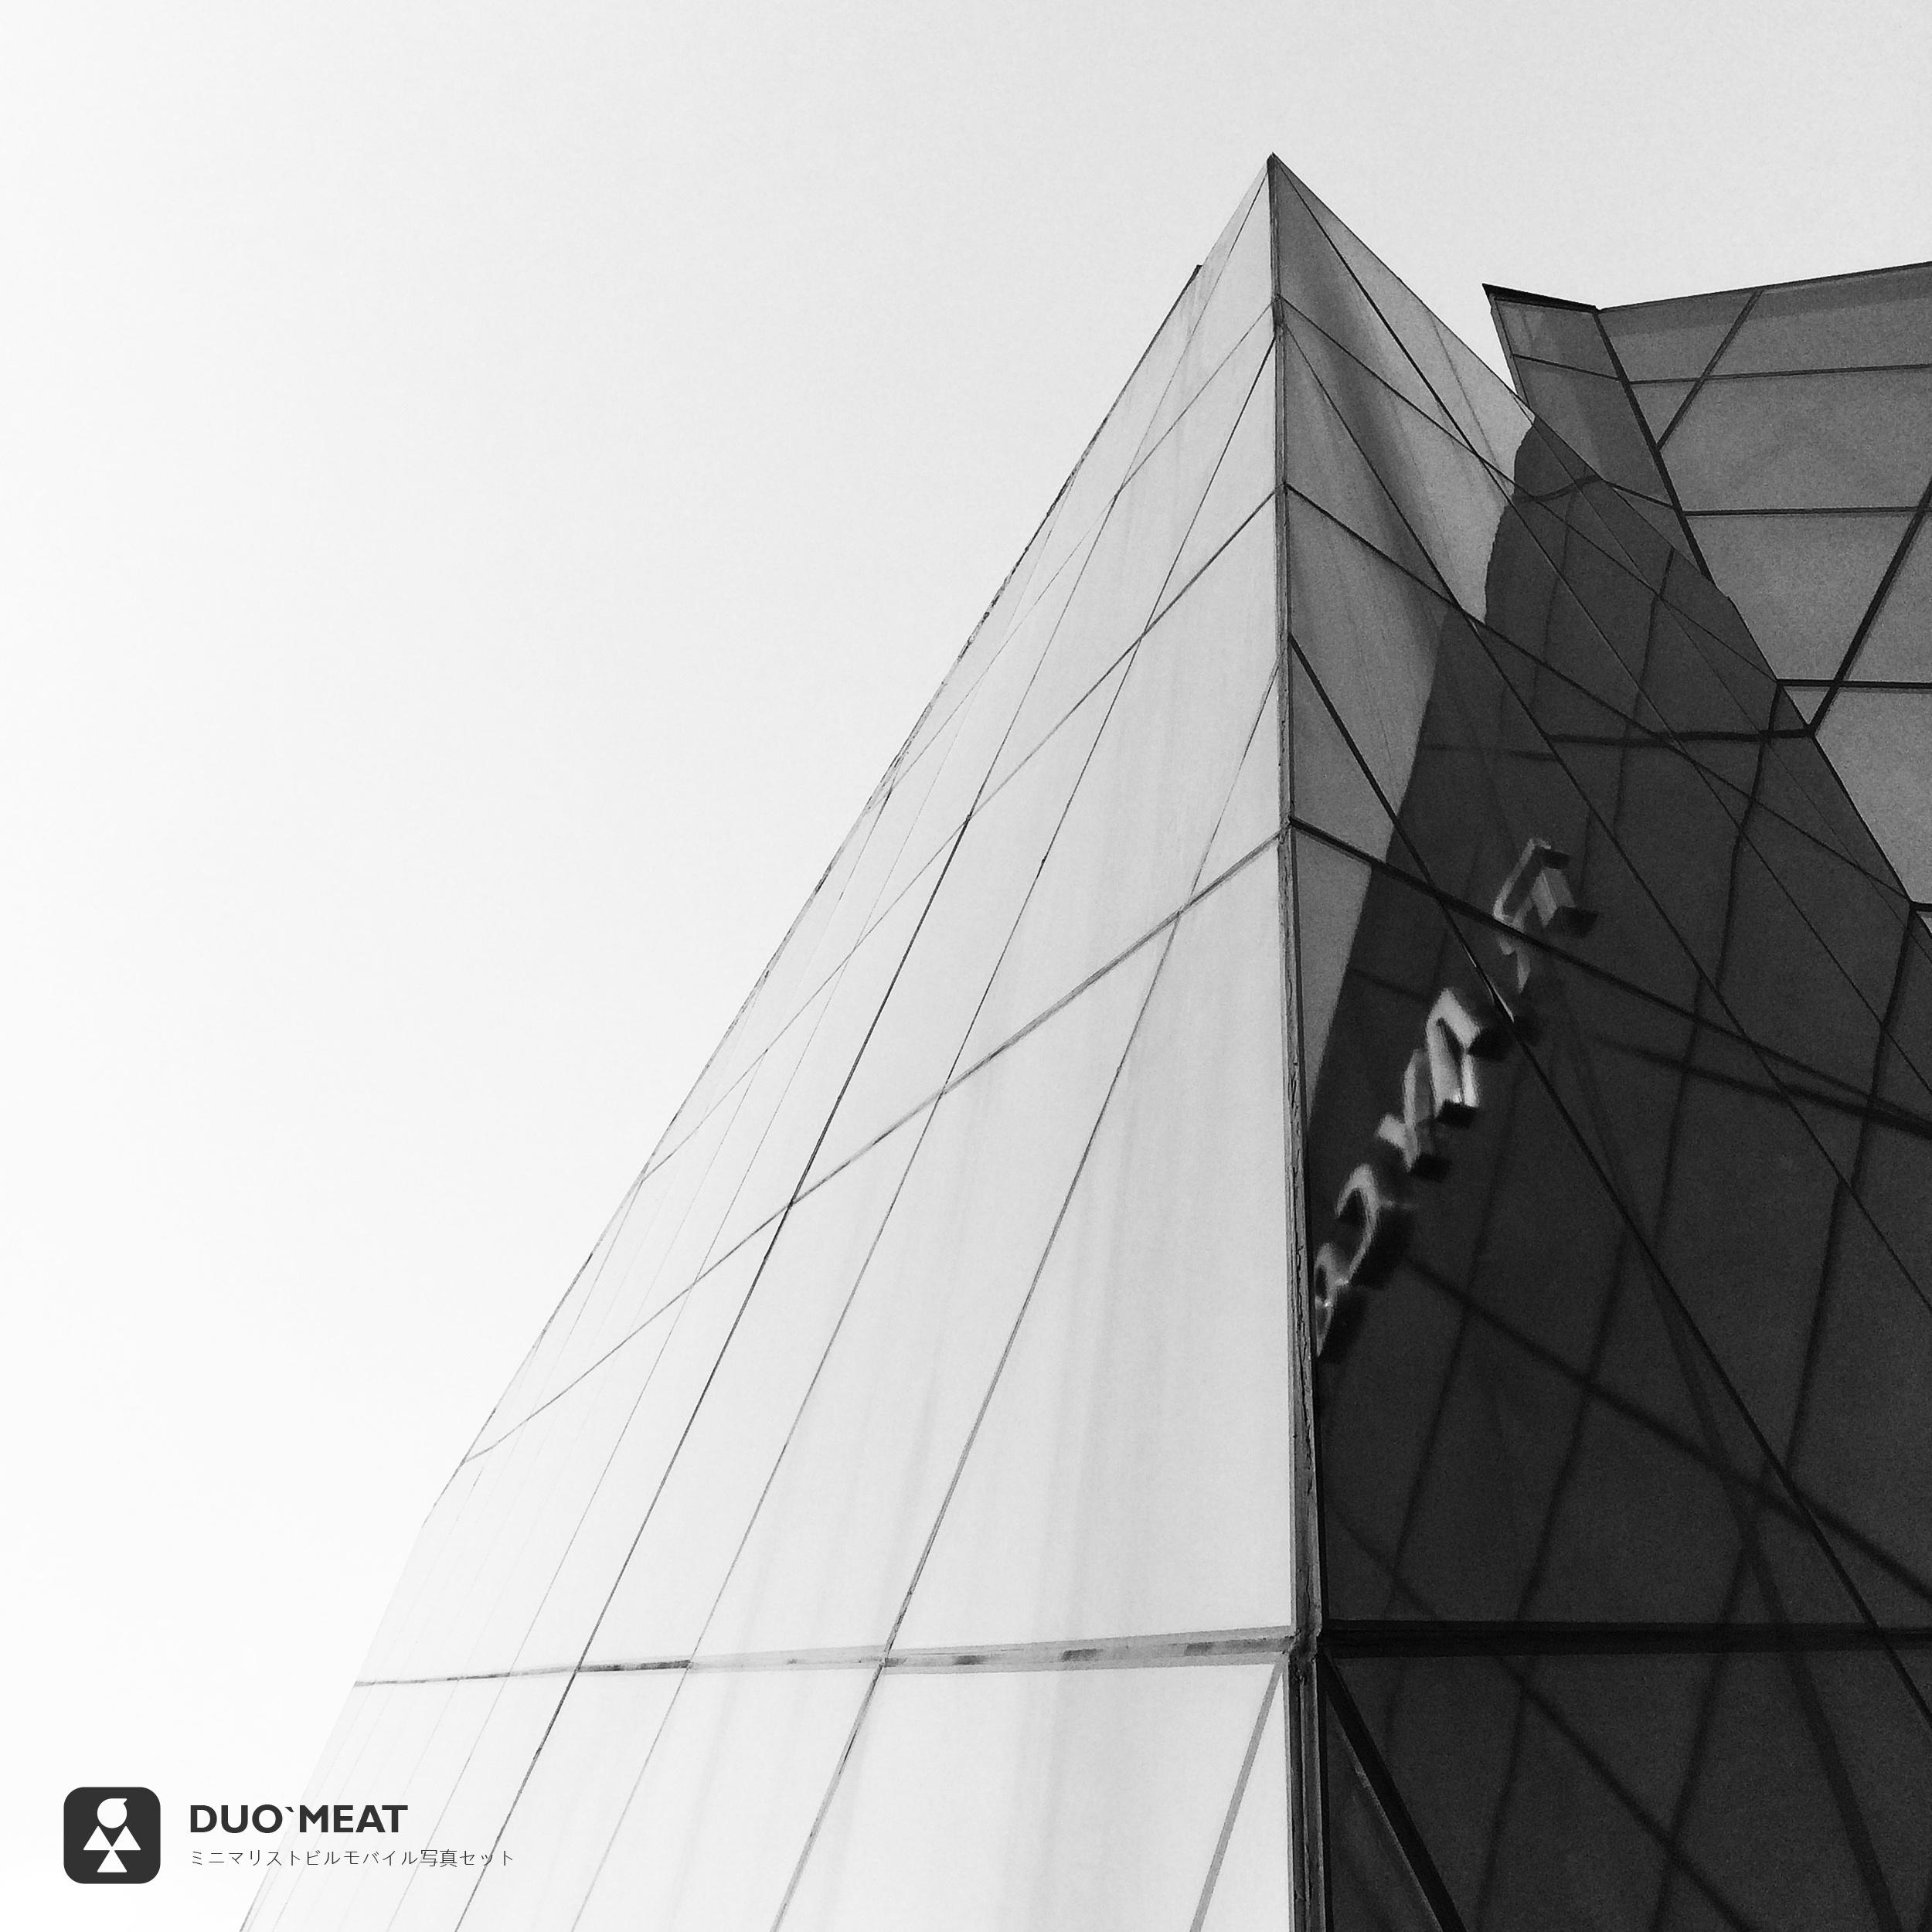 极简建筑 - 手机摄影集